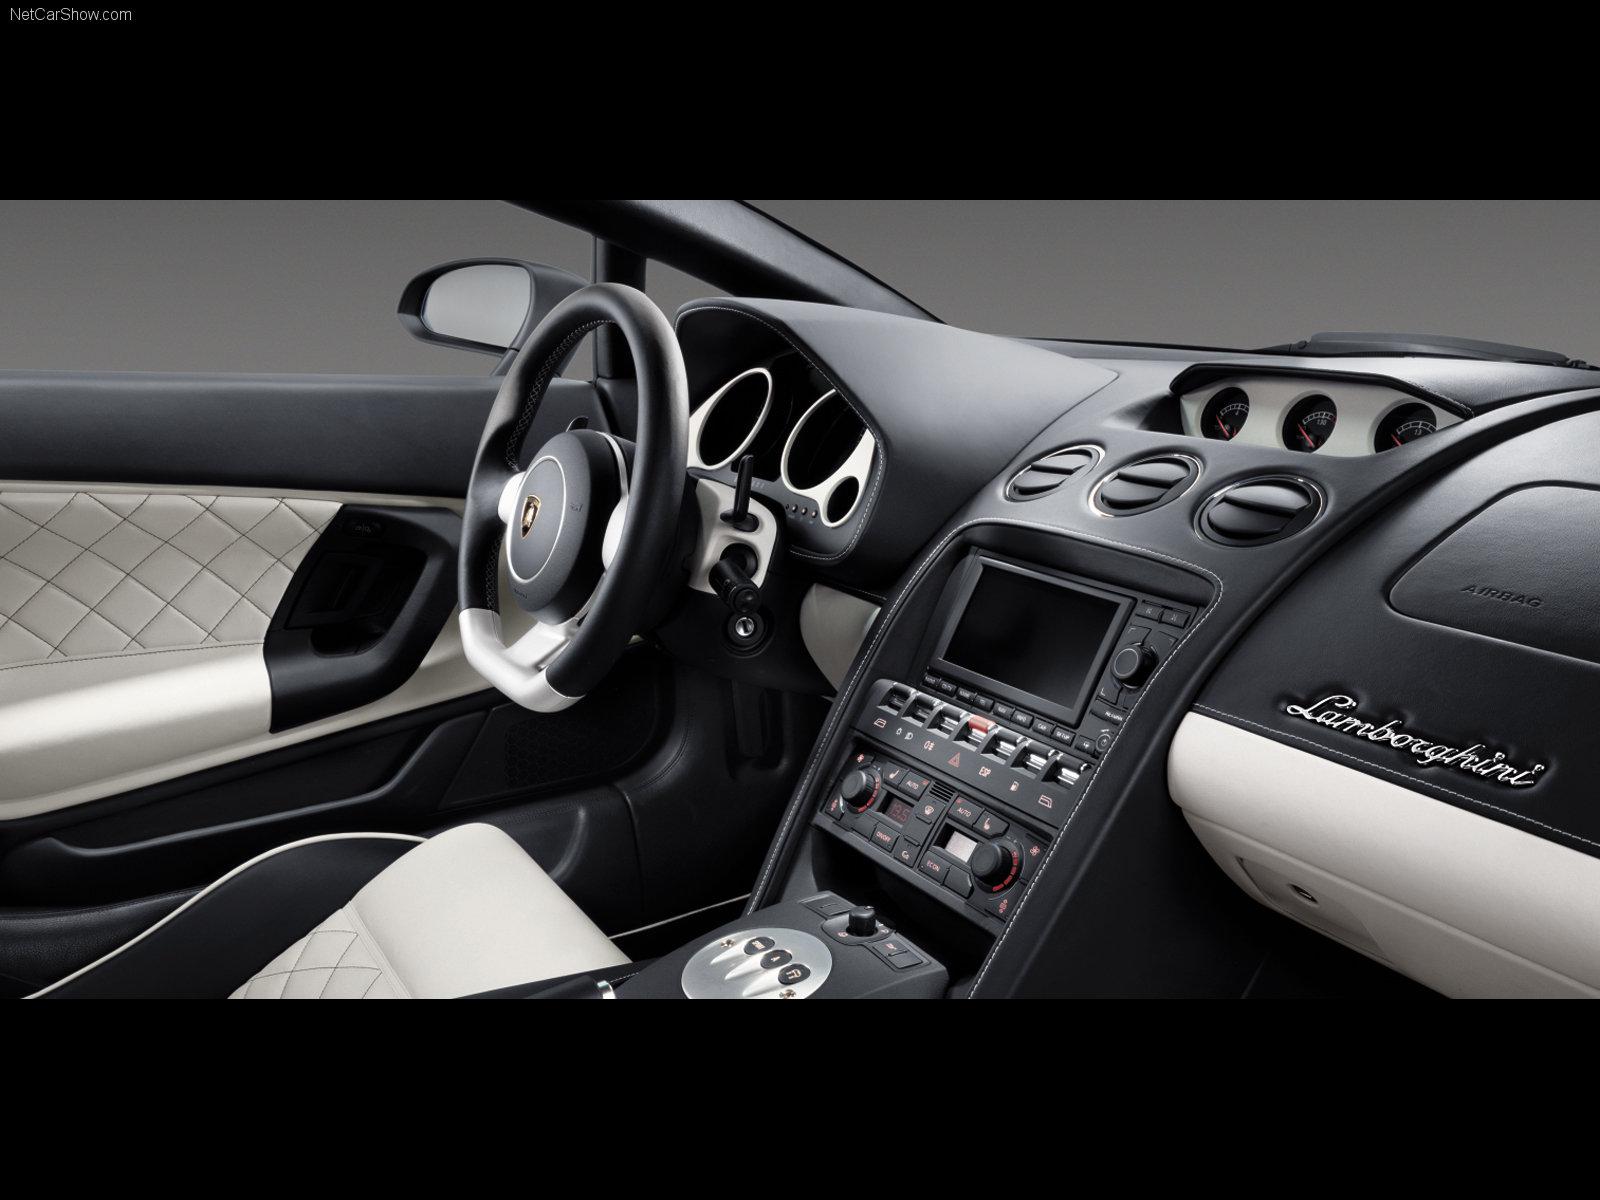 Hình ảnh siêu xe Lamborghini Gallardo Nera 2007 & nội ngoại thất